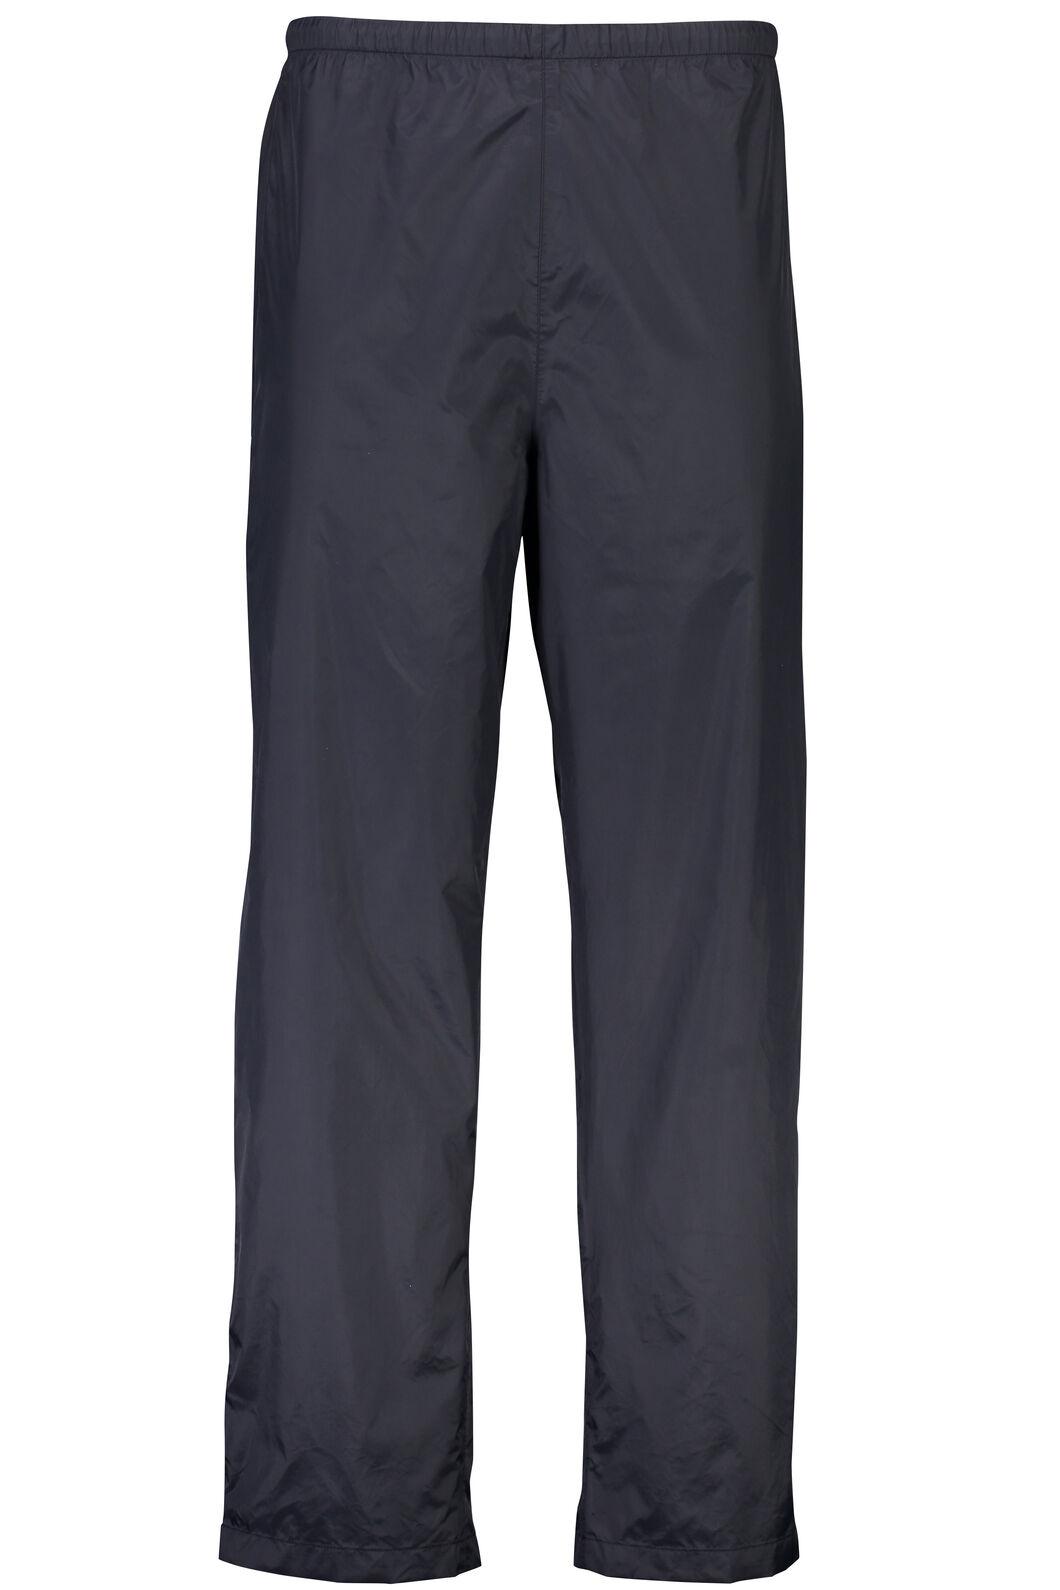 Macpac Pack-It Pants — Unisex, Black, hi-res